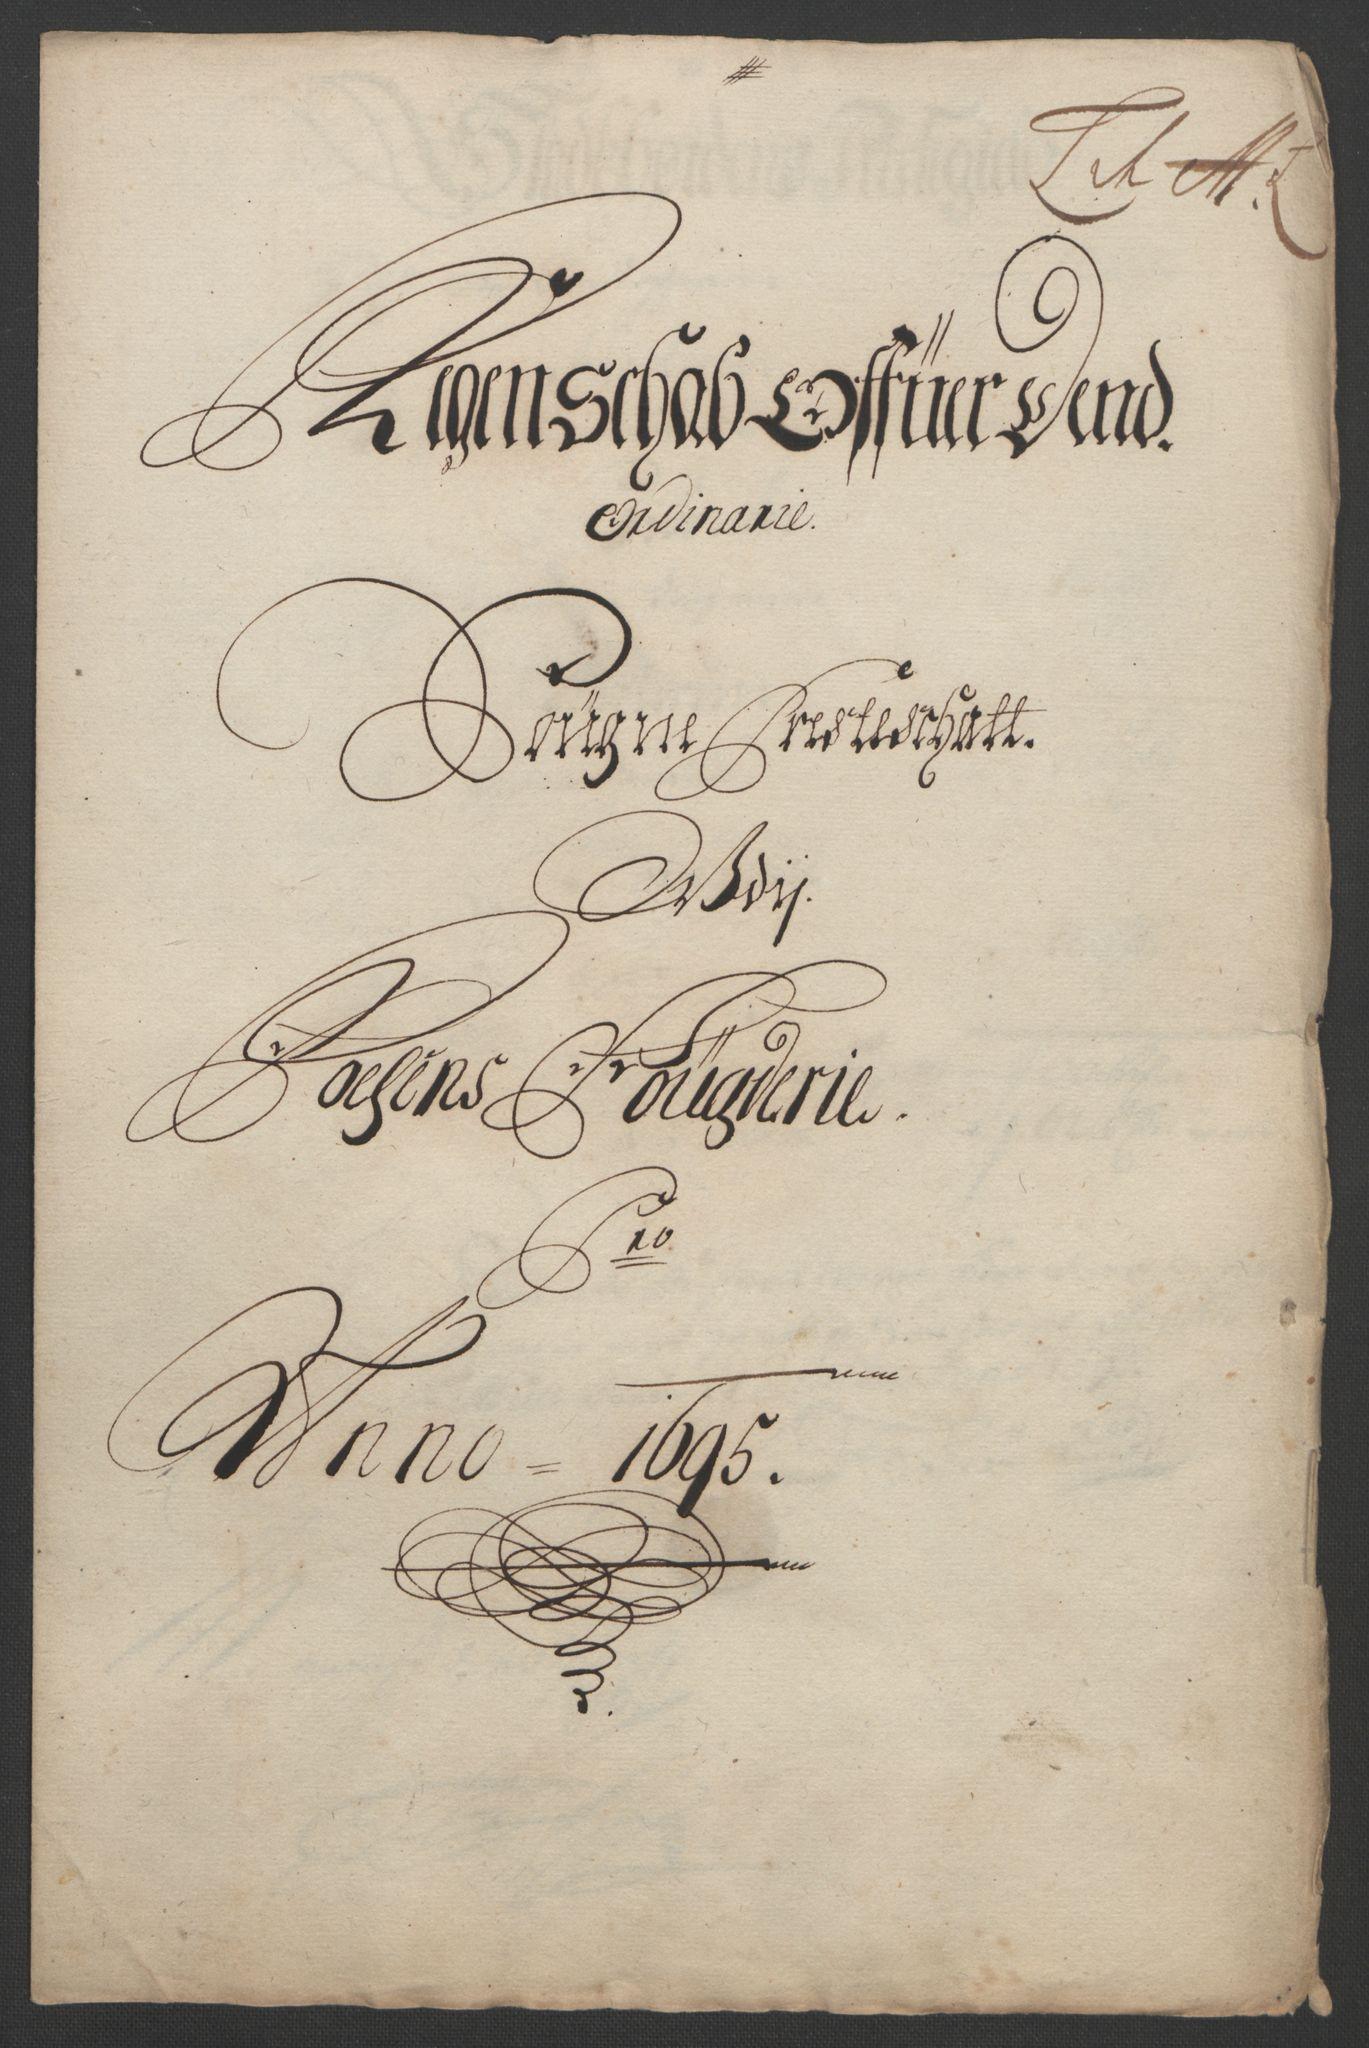 RA, Rentekammeret inntil 1814, Reviderte regnskaper, Fogderegnskap, R57/L3851: Fogderegnskap Fosen, 1695-1696, s. 171